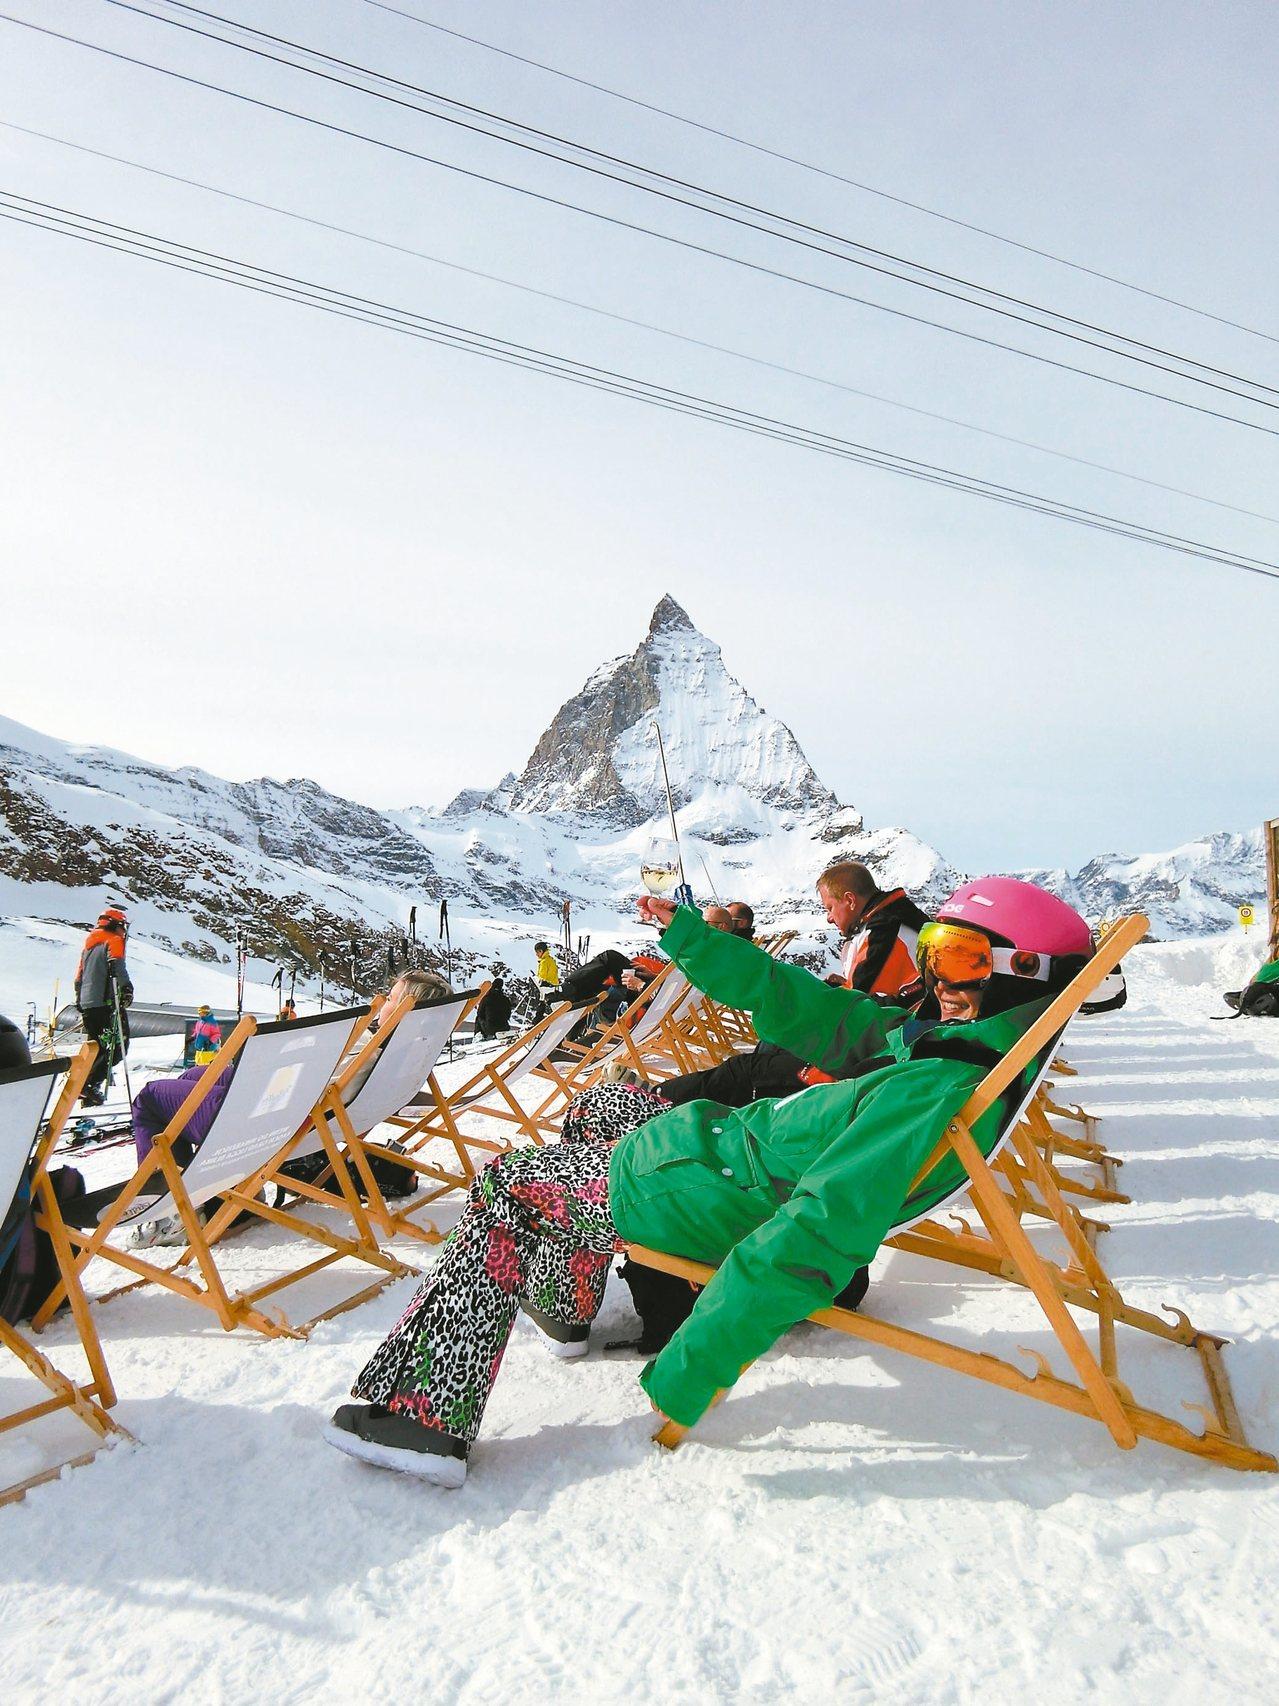 路嘉怡在馬特洪峰滑雪場中繼點享受曬太陽的優閒時光。 圖/寬寬整合行銷提供